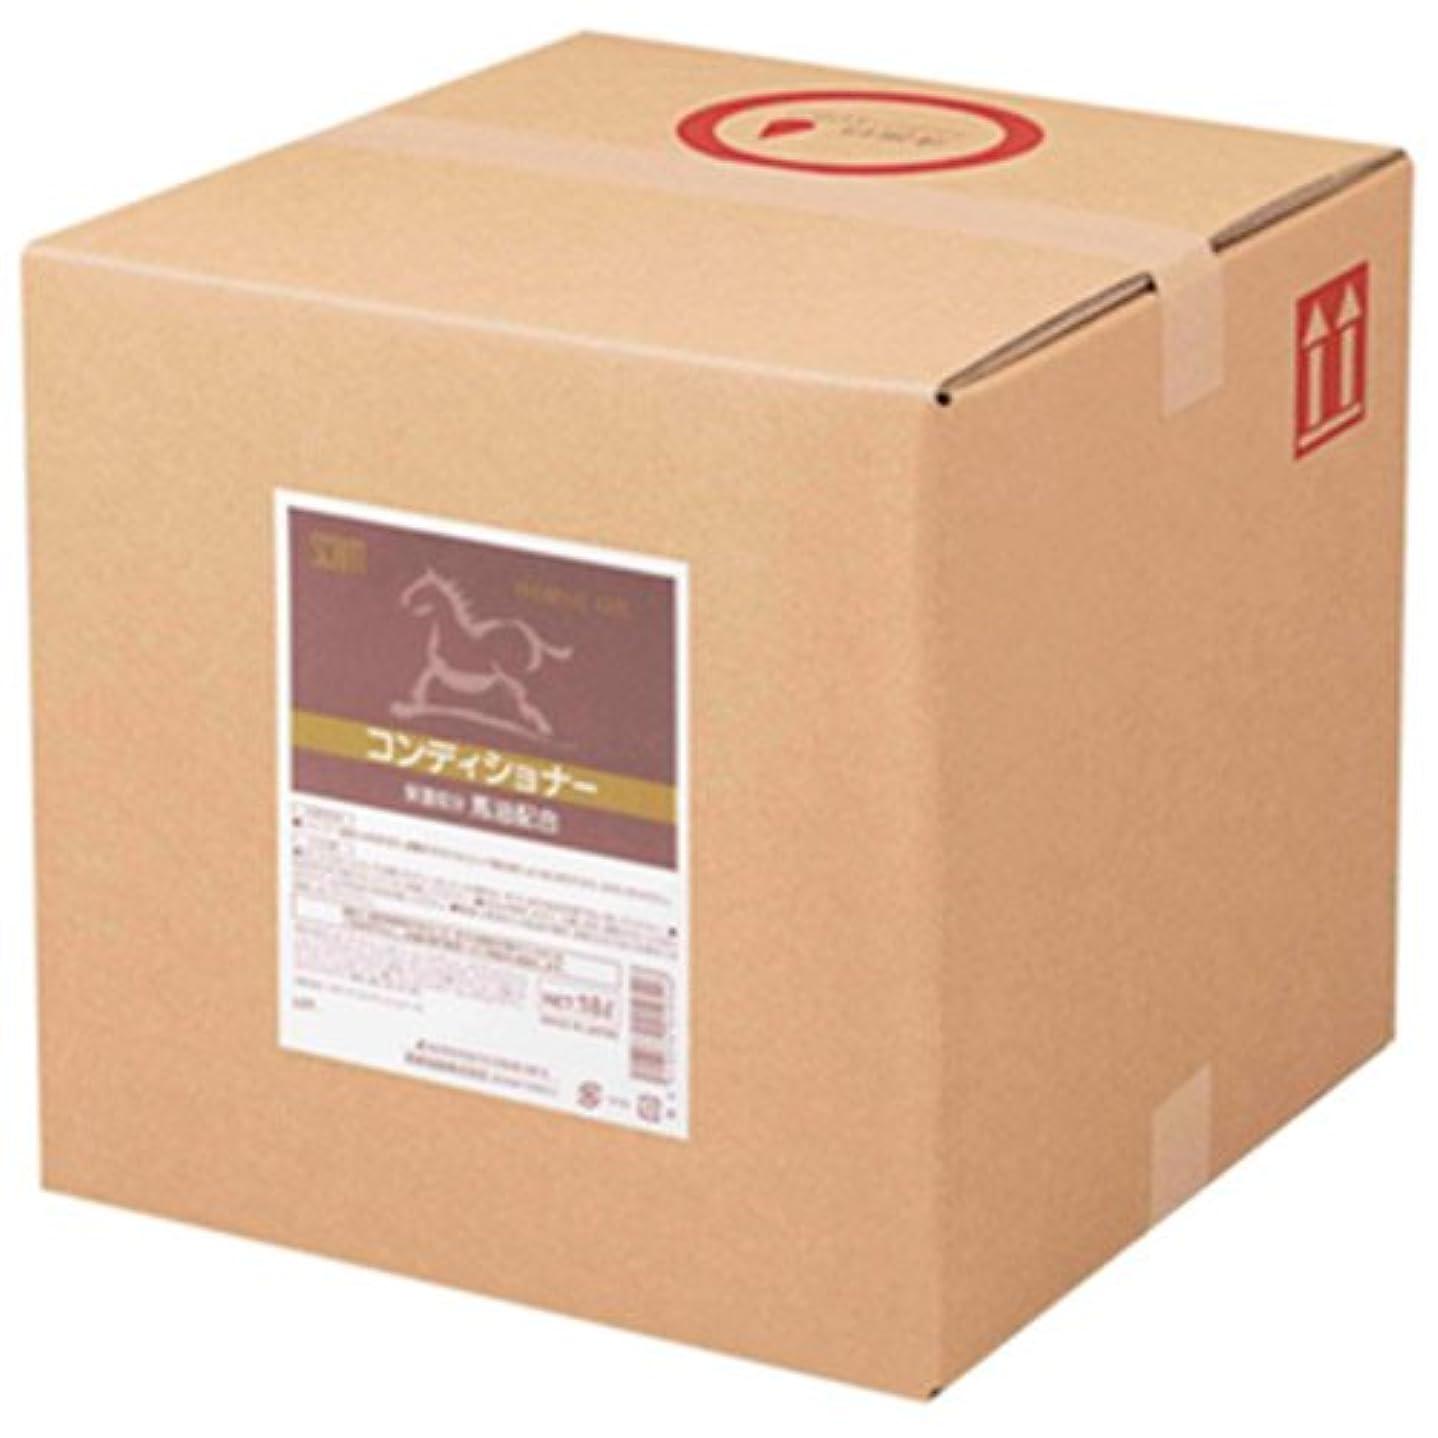 禁止するおとこから熊野油脂 業務用 SCRITT(スクリット) 馬油コンディショナー 18L